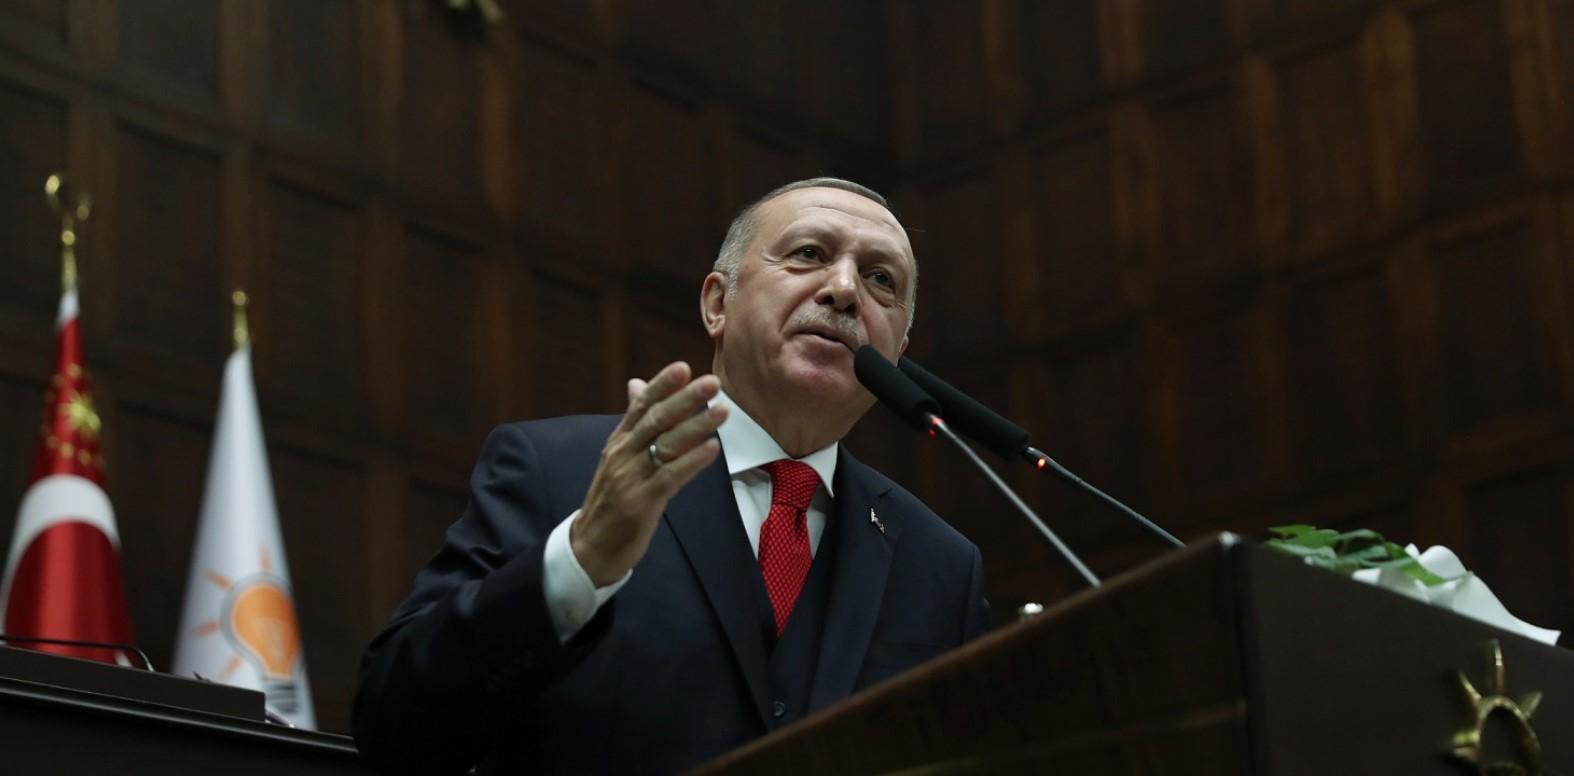 Ερντογάν: «Ούτε βήμα πίσω» στην Ιντλίμπ